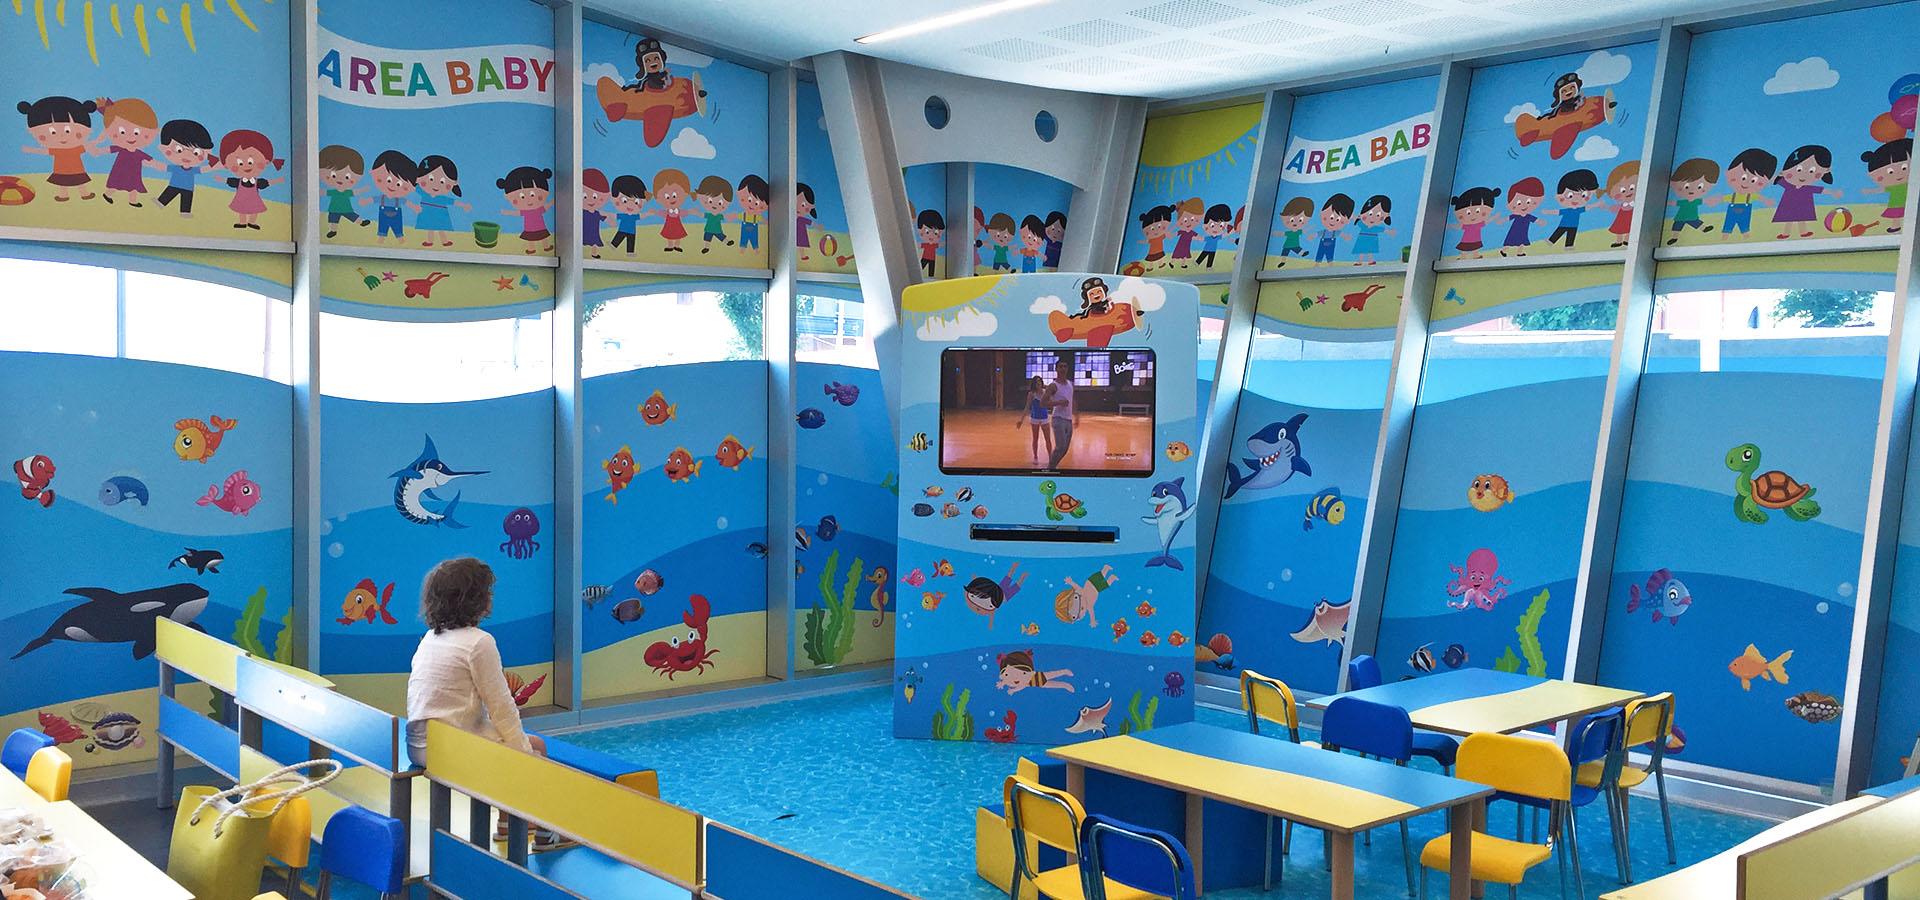 Ristorante PesceAzzurro - Area Baby, lo spazio dedicato ai bambini 02